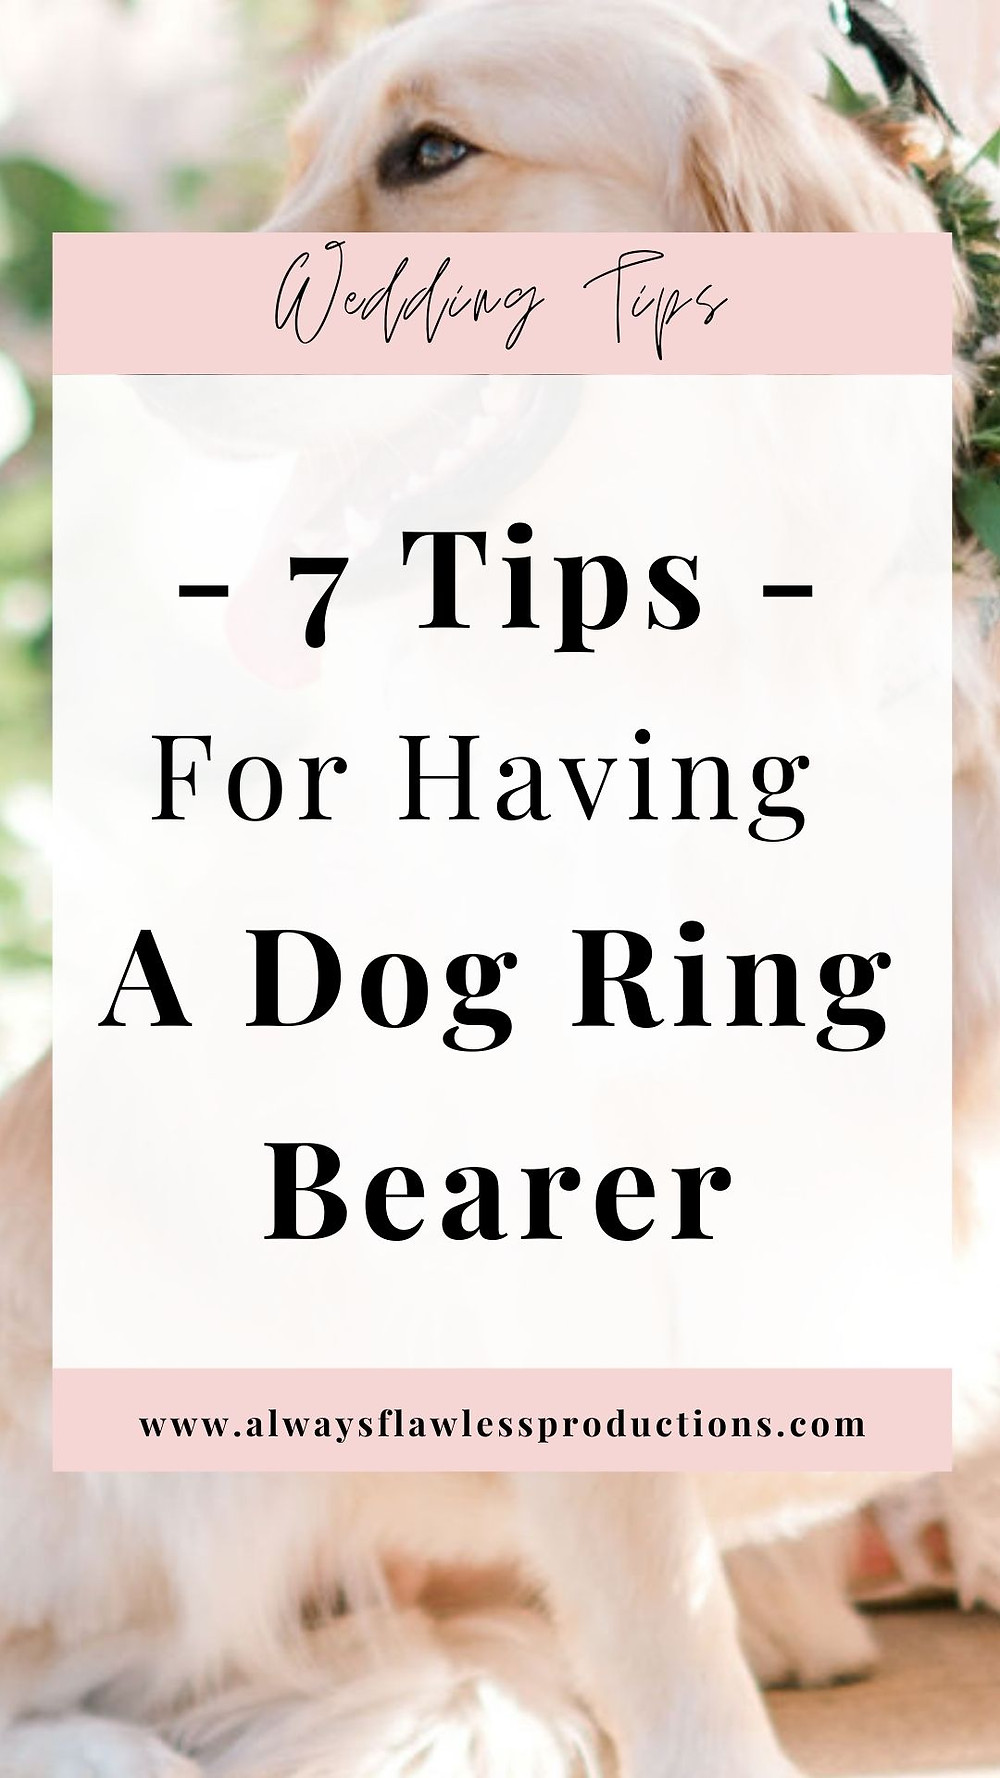 7 Tips For Having A Dog Ring Bearer